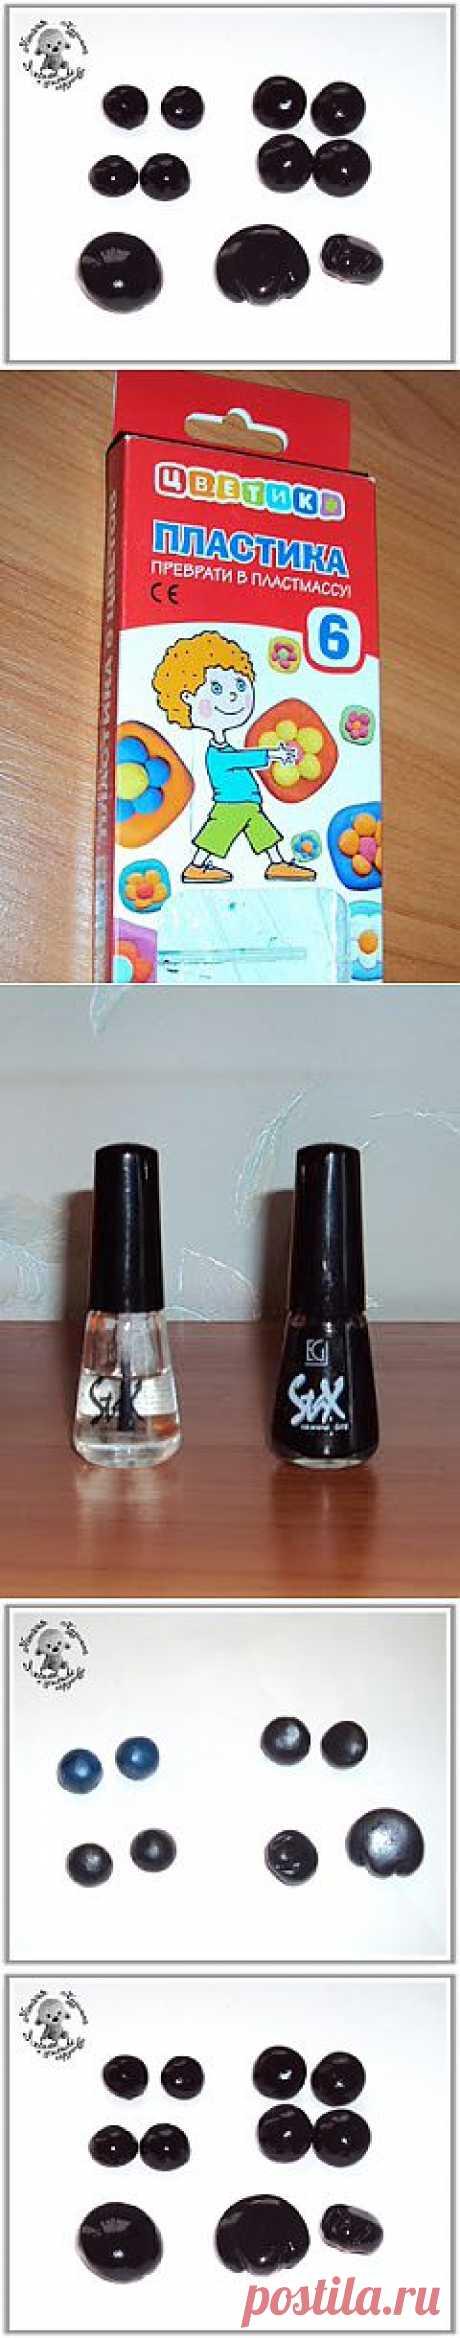 Изготовление глазоки и носиков из пластики.